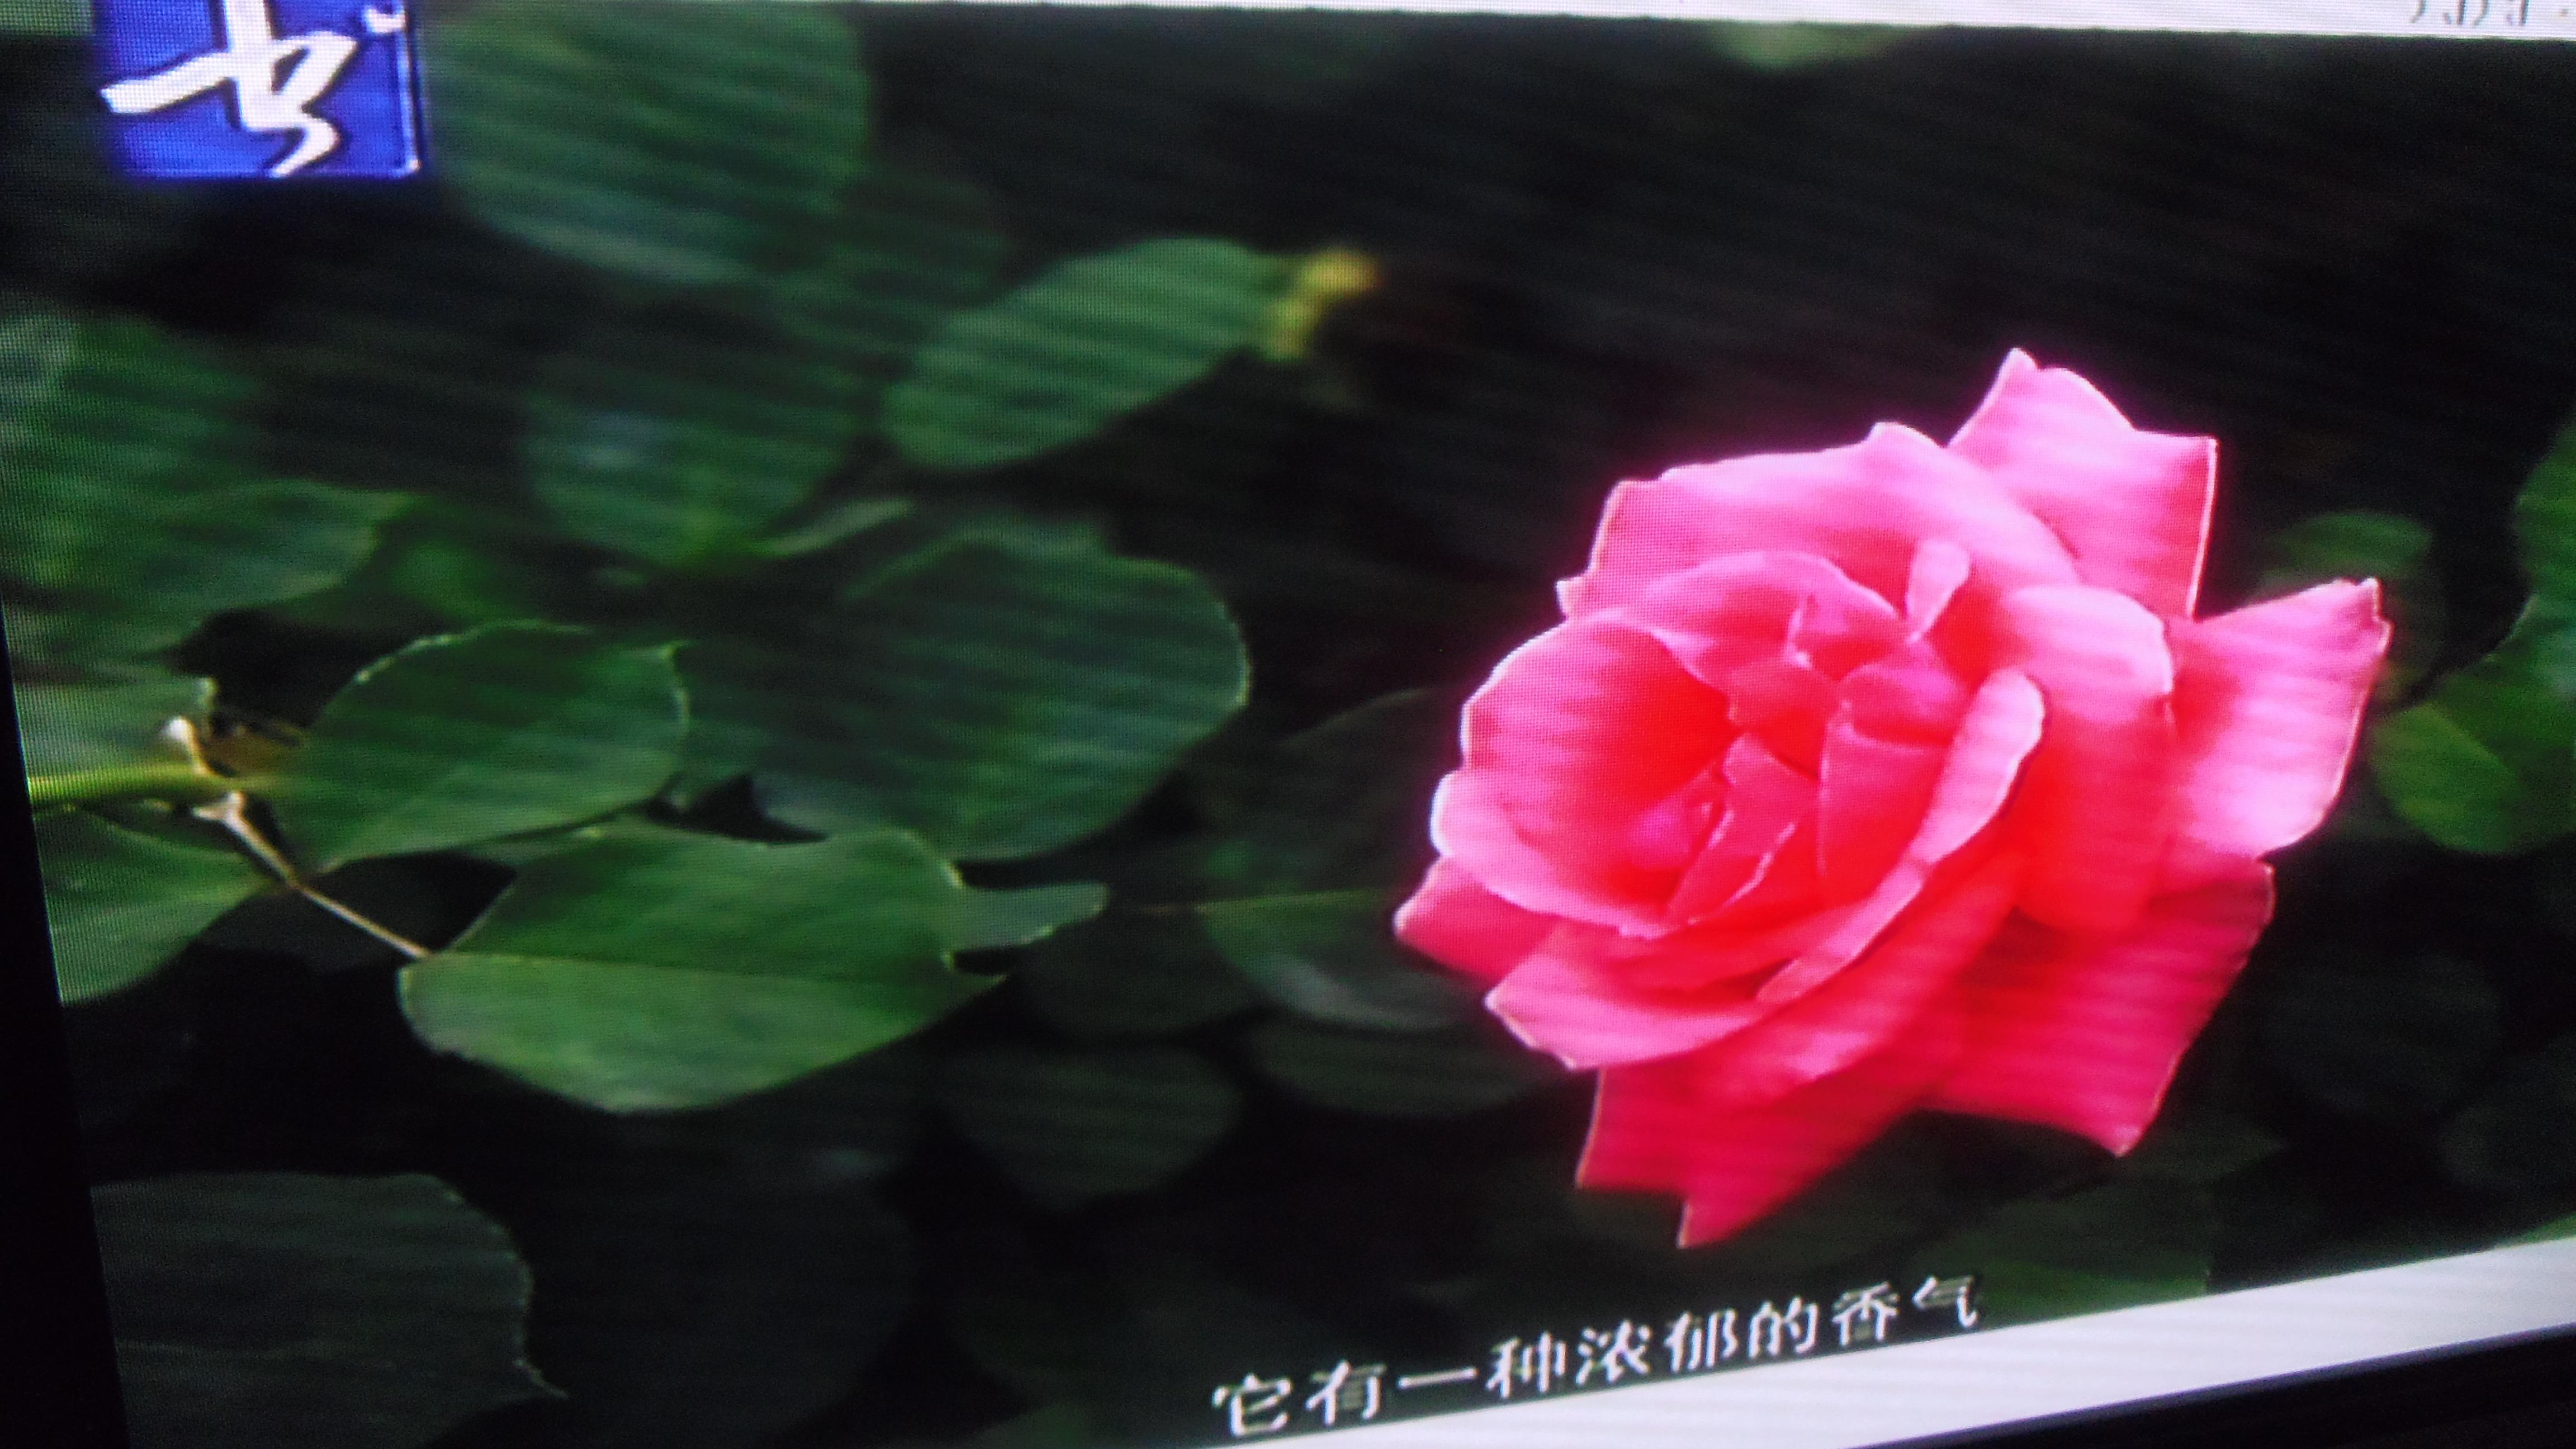 IMGP3003.JPG